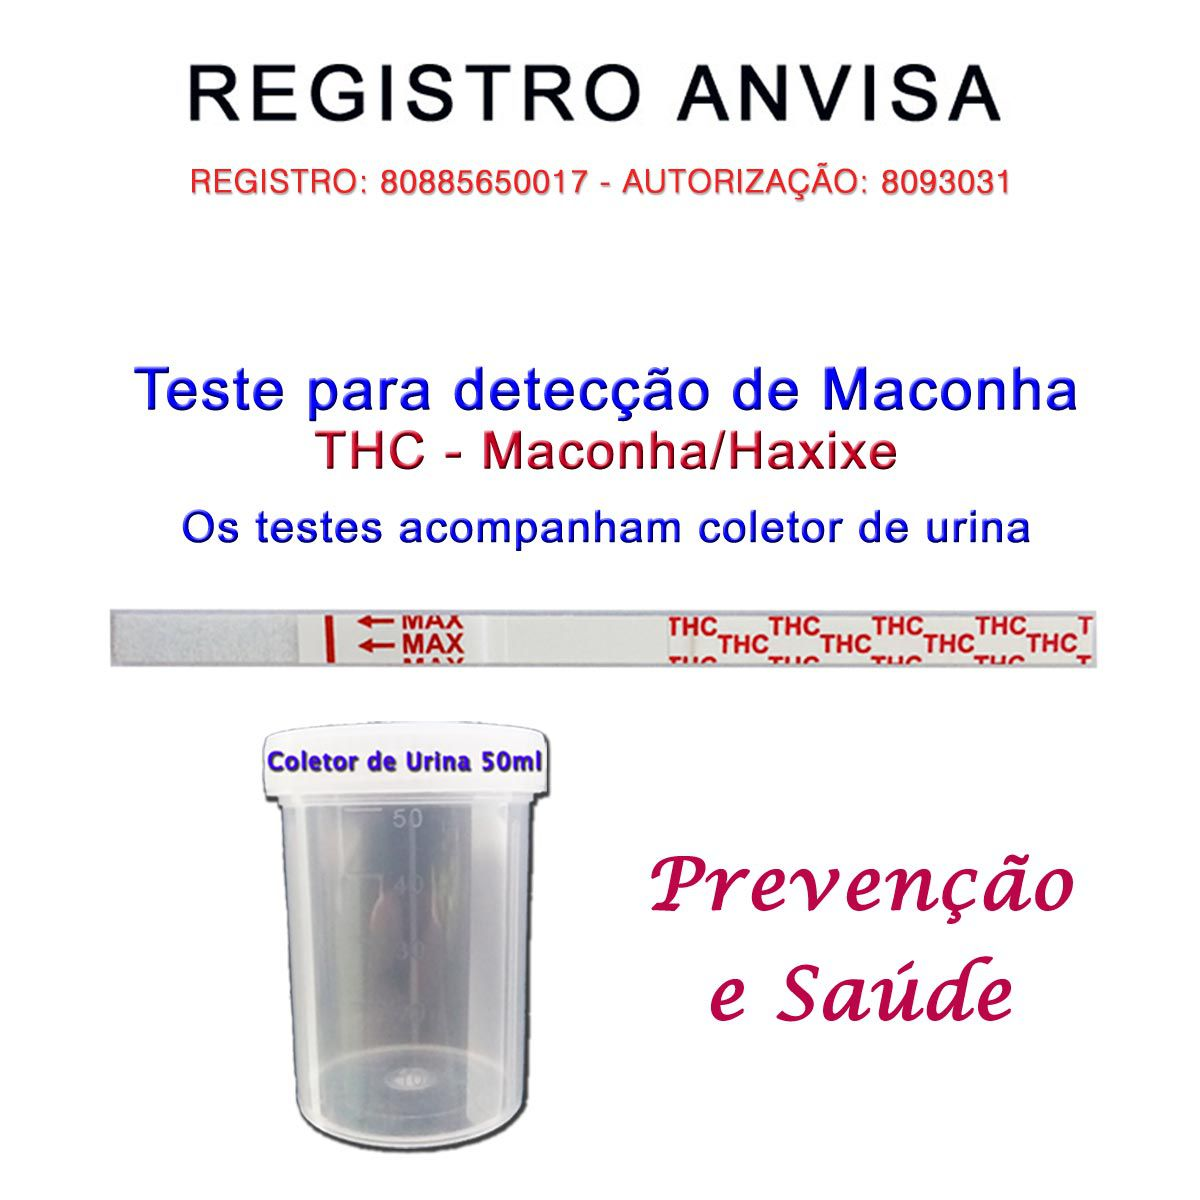 05 Kits para teste de THC  - Testes Para COVID e Drogas. Máscaras Descartáveis e Suplementos e Anti Tabaco